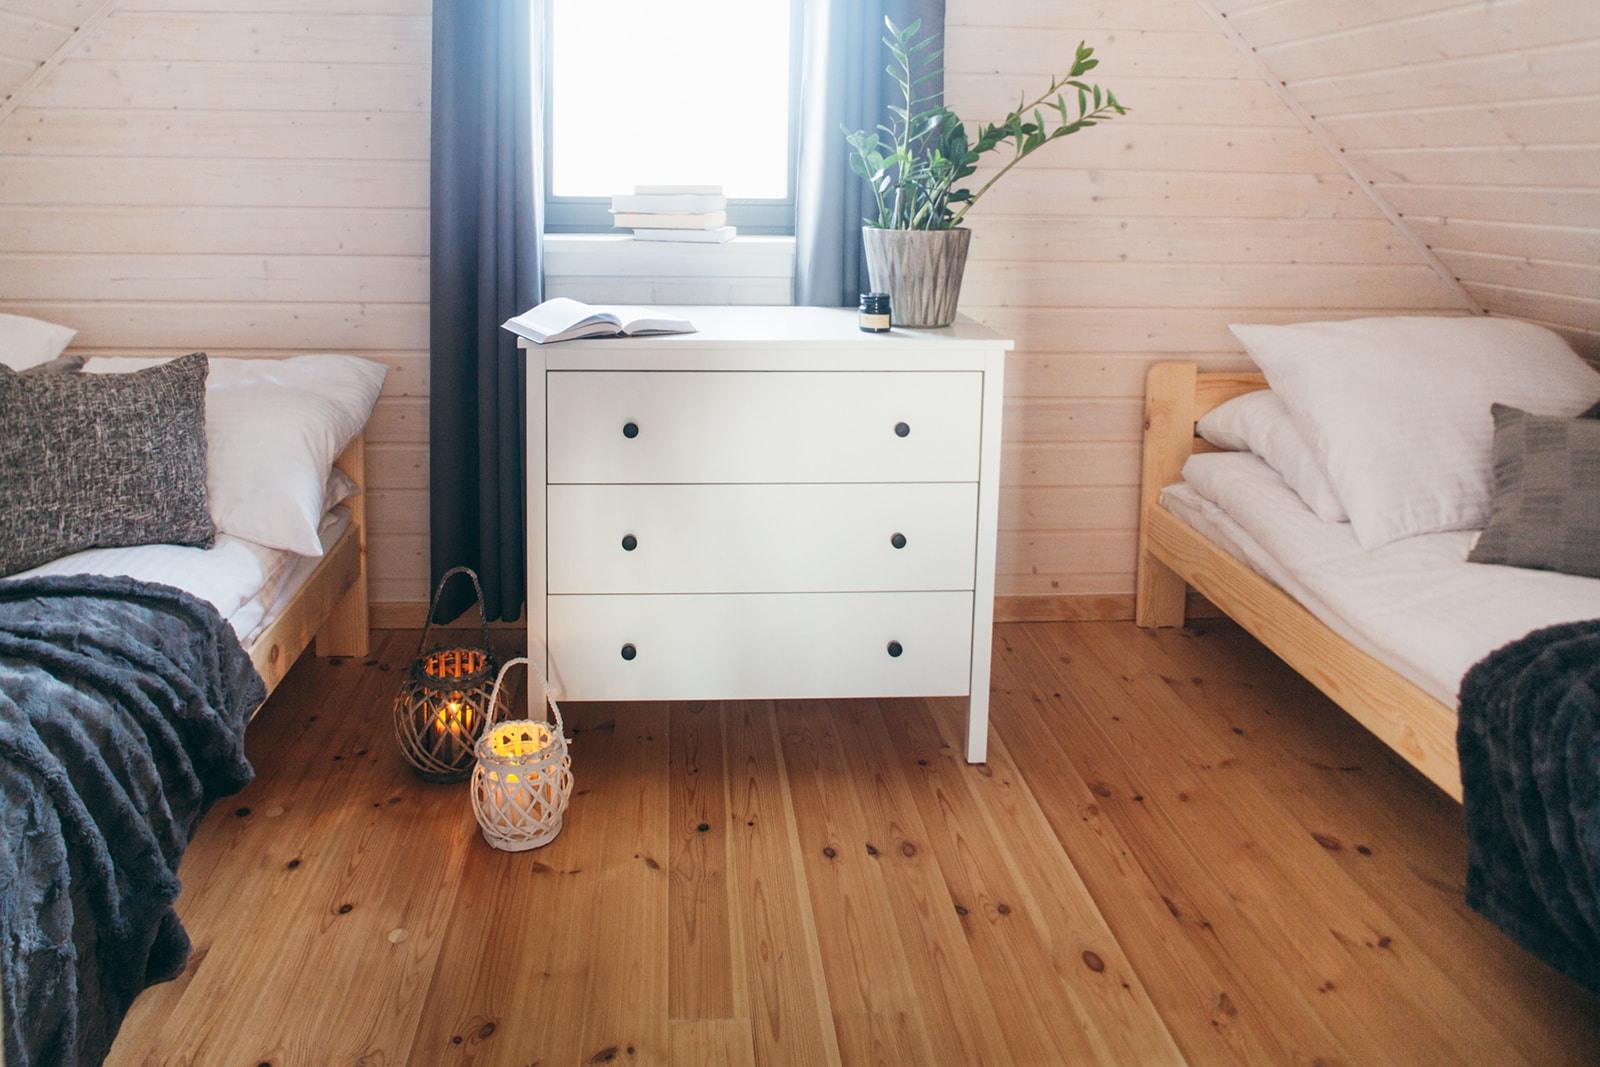 noclegi w domkach nad Jeziorem Żywieckim, wnętrze, sypialnia mała